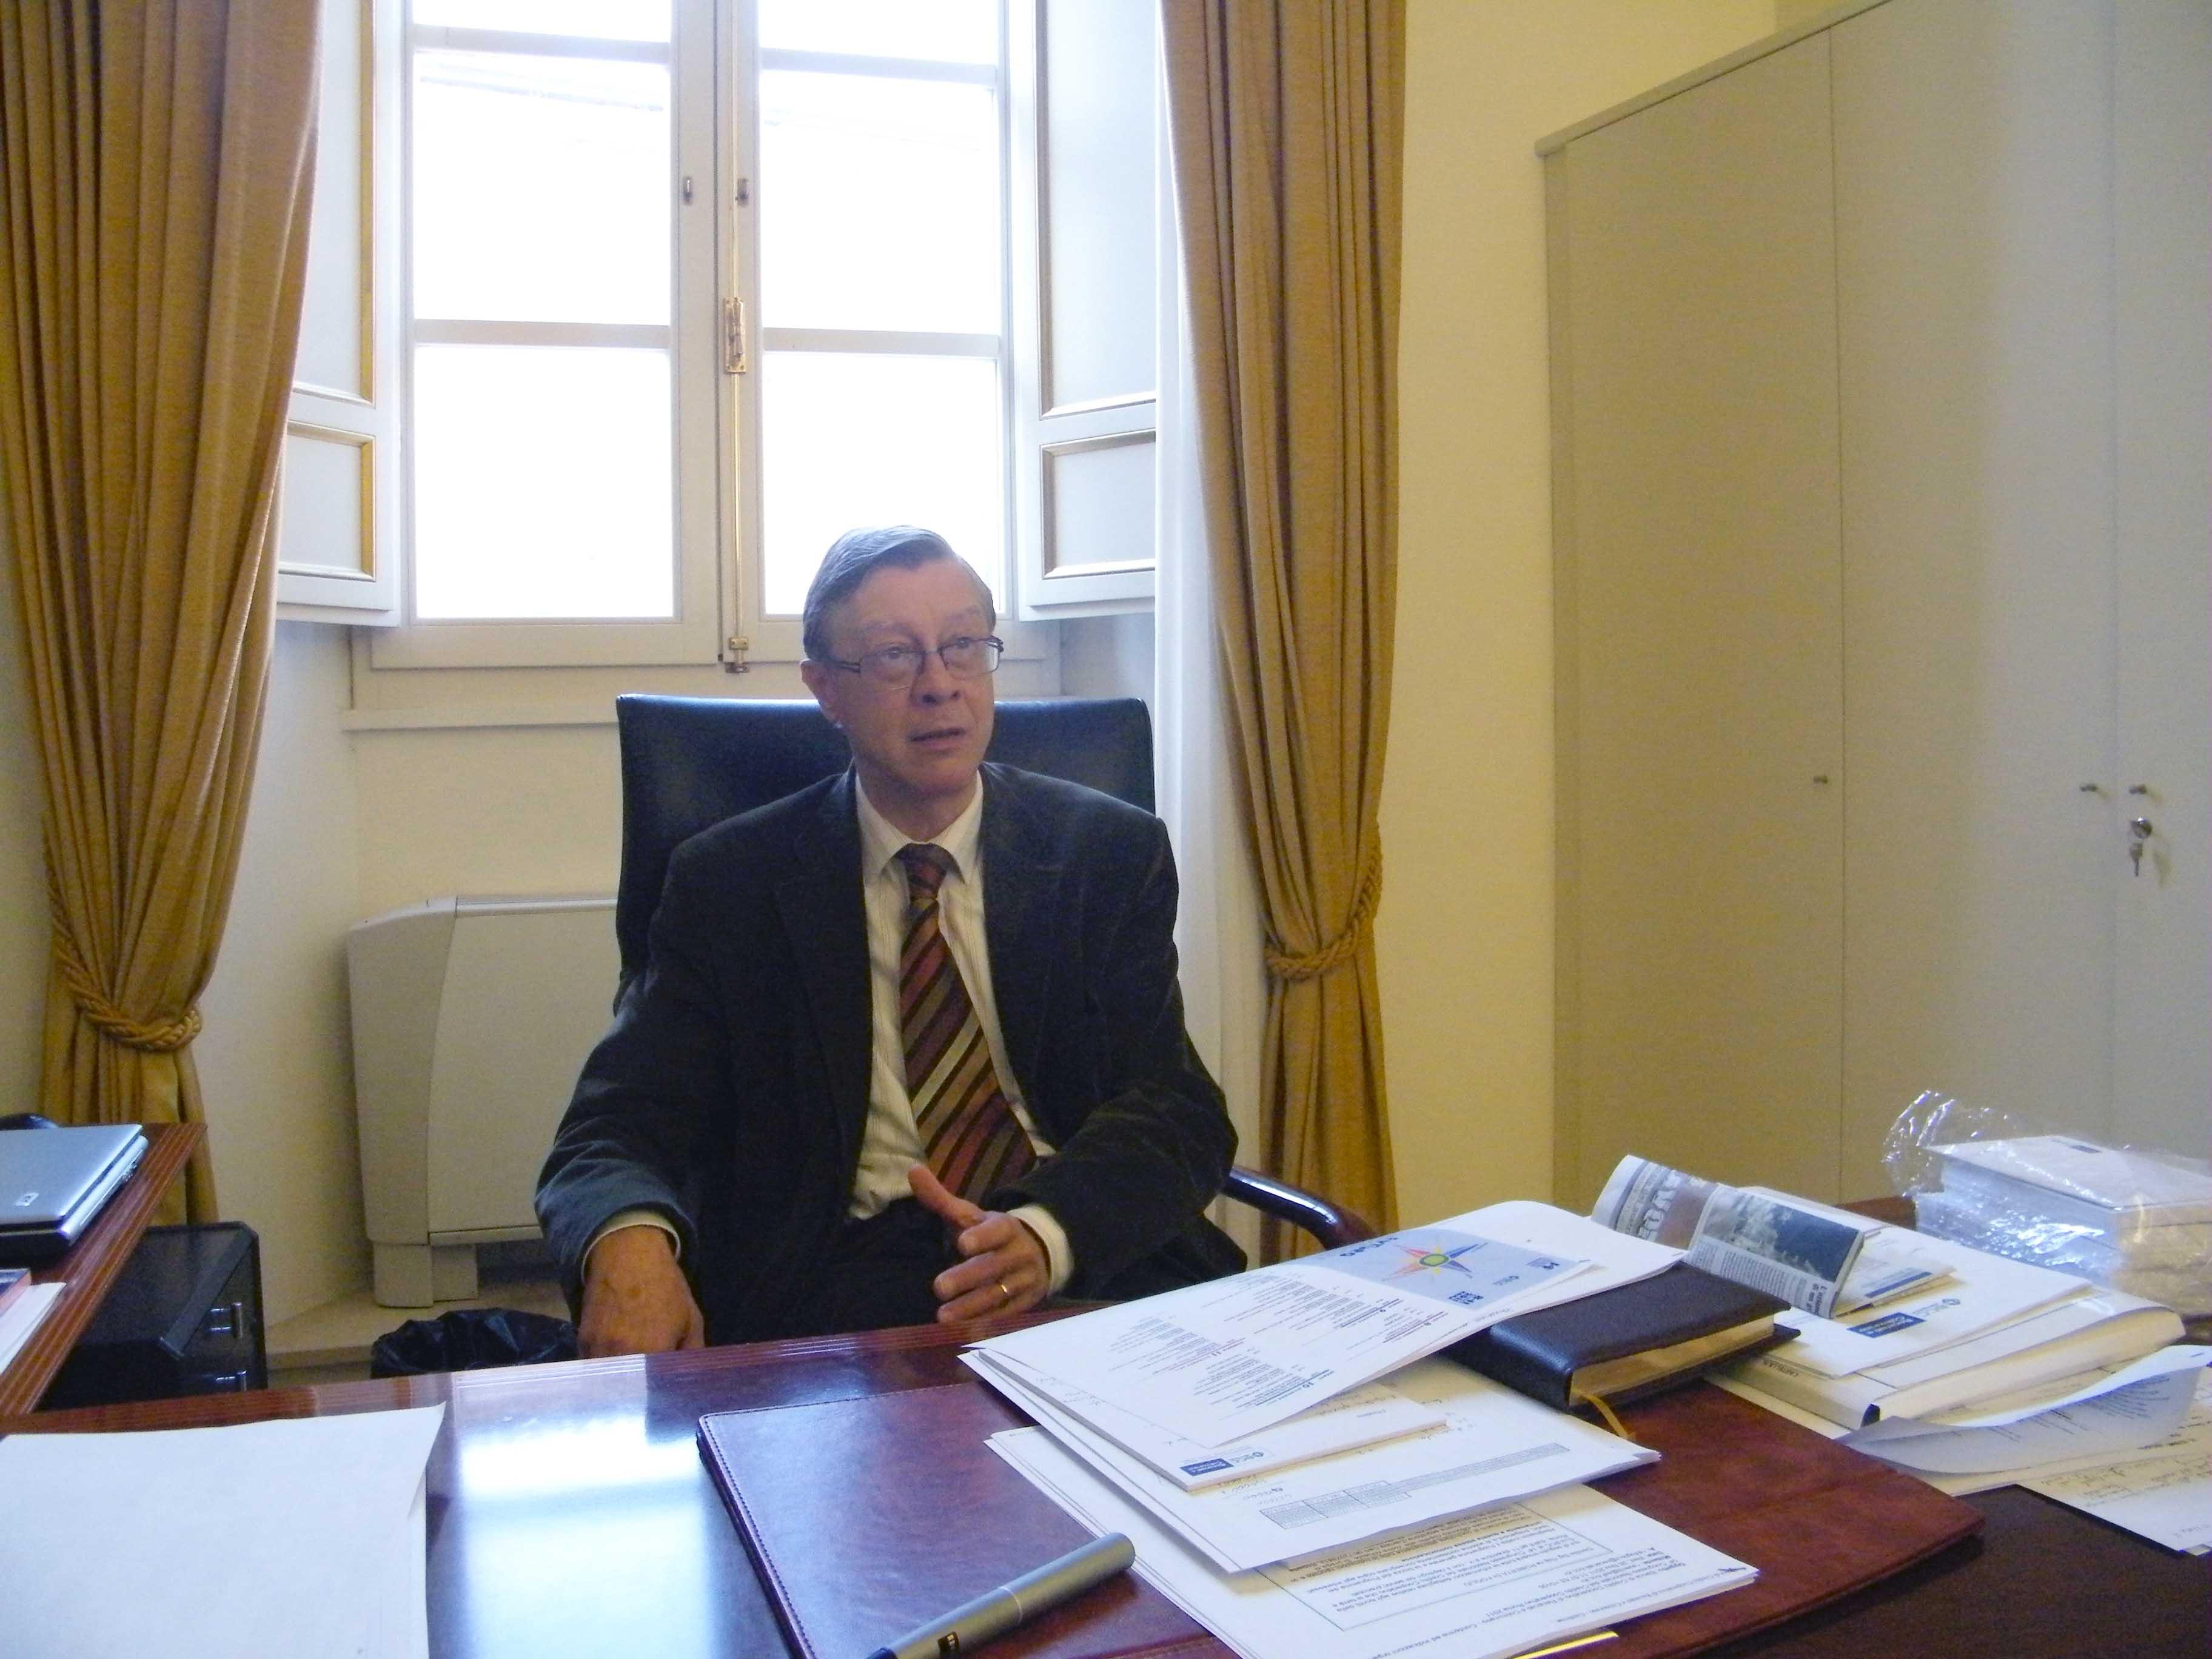 Il presidente Alberto Niccoli